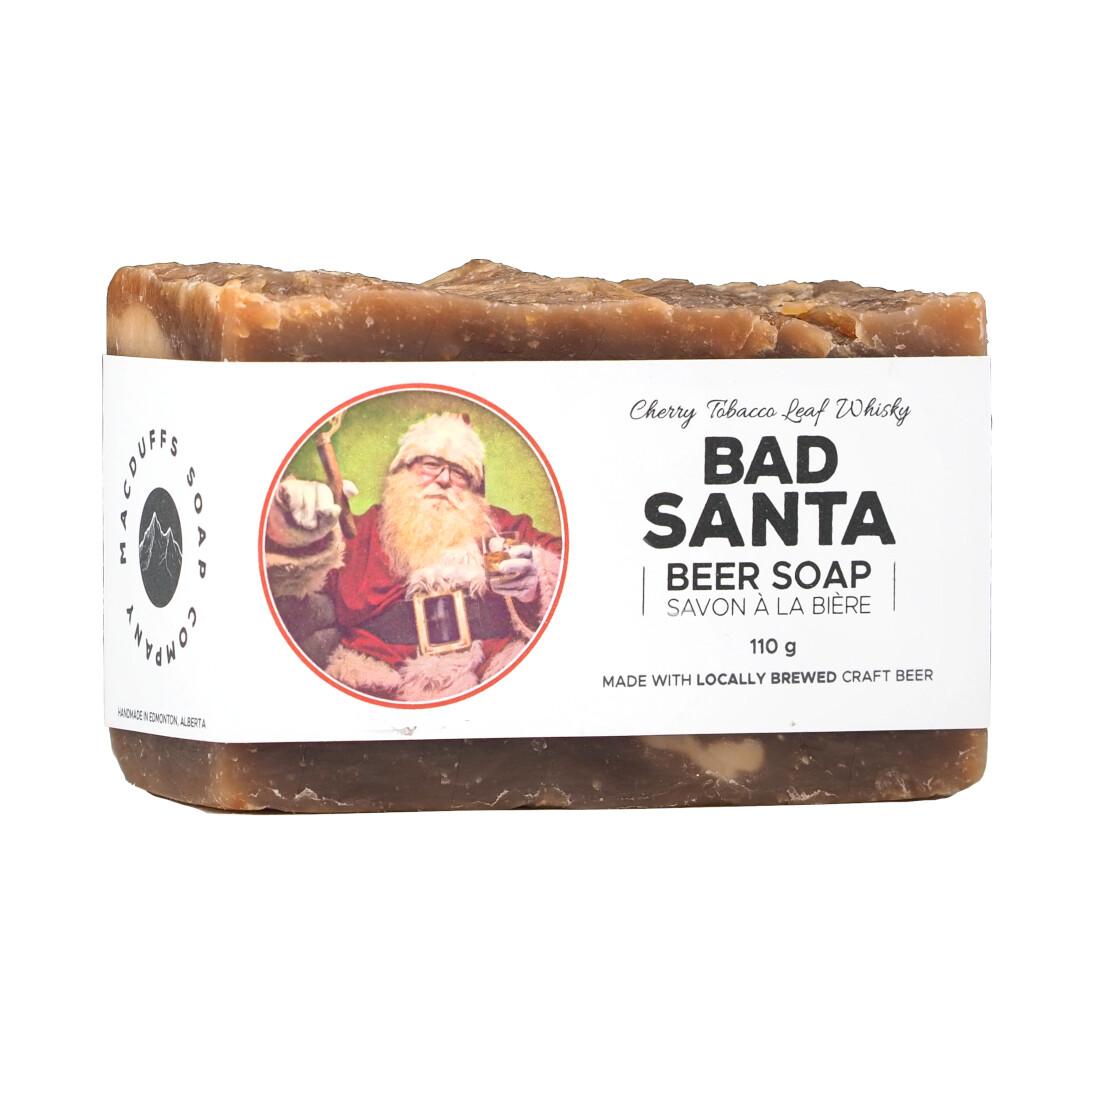 BAD SANTA BEER SOAP